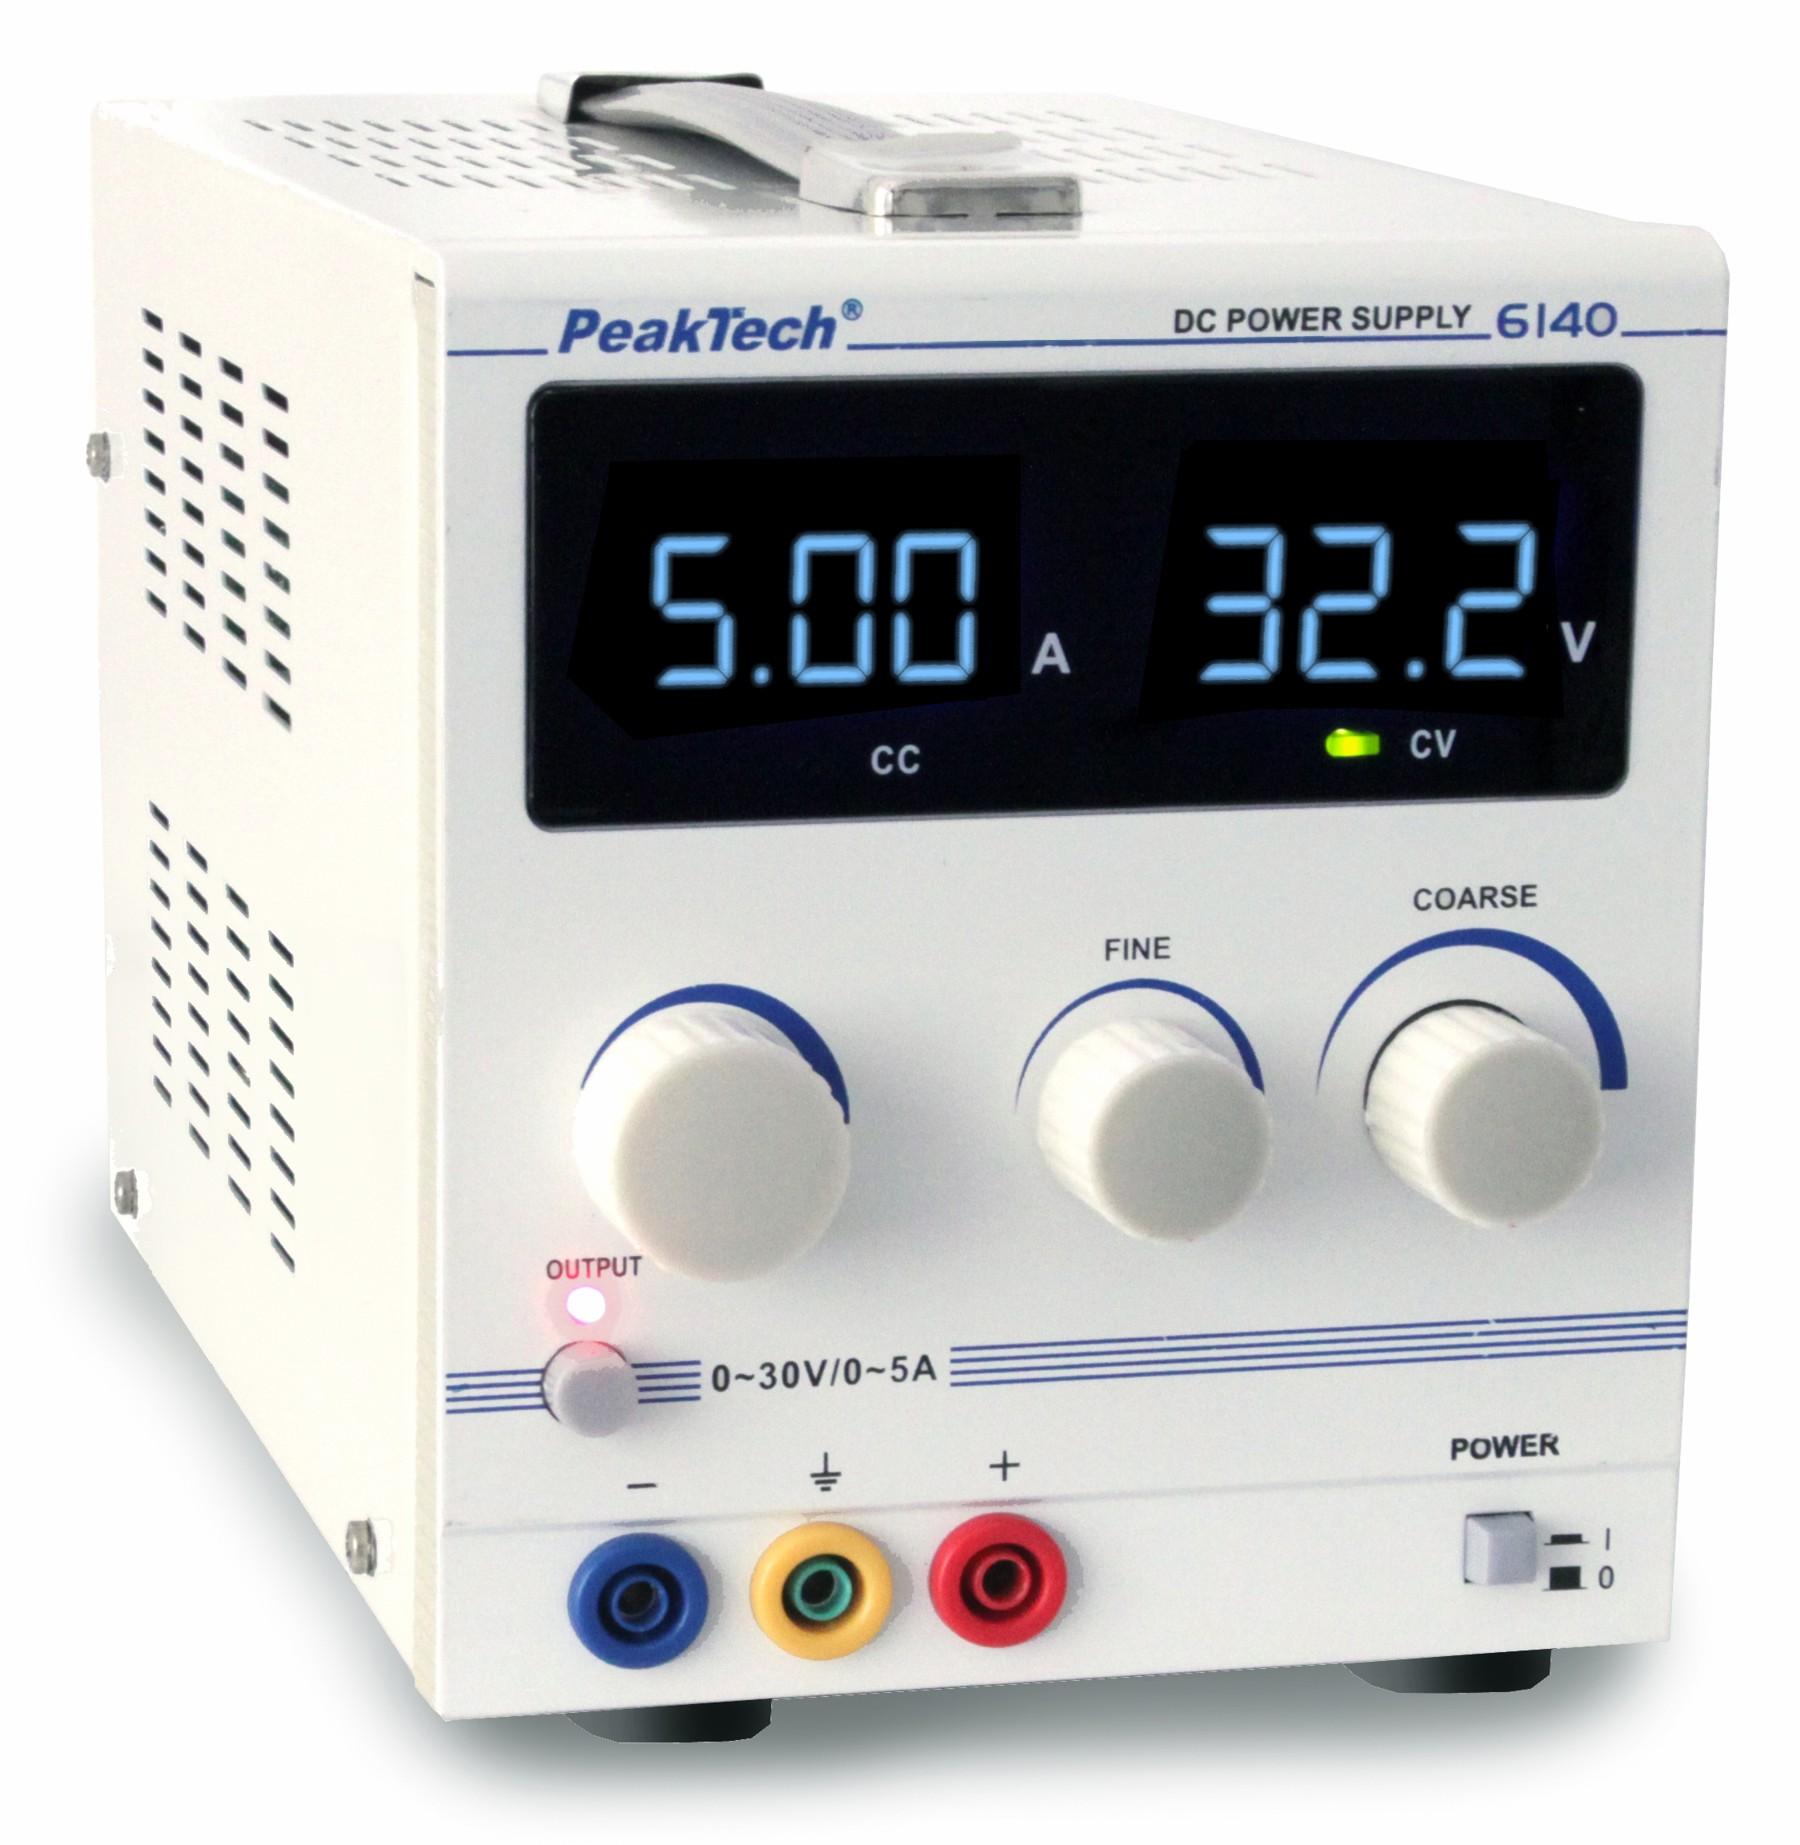 Zasilacz laboratoryjny Peaktech 6140